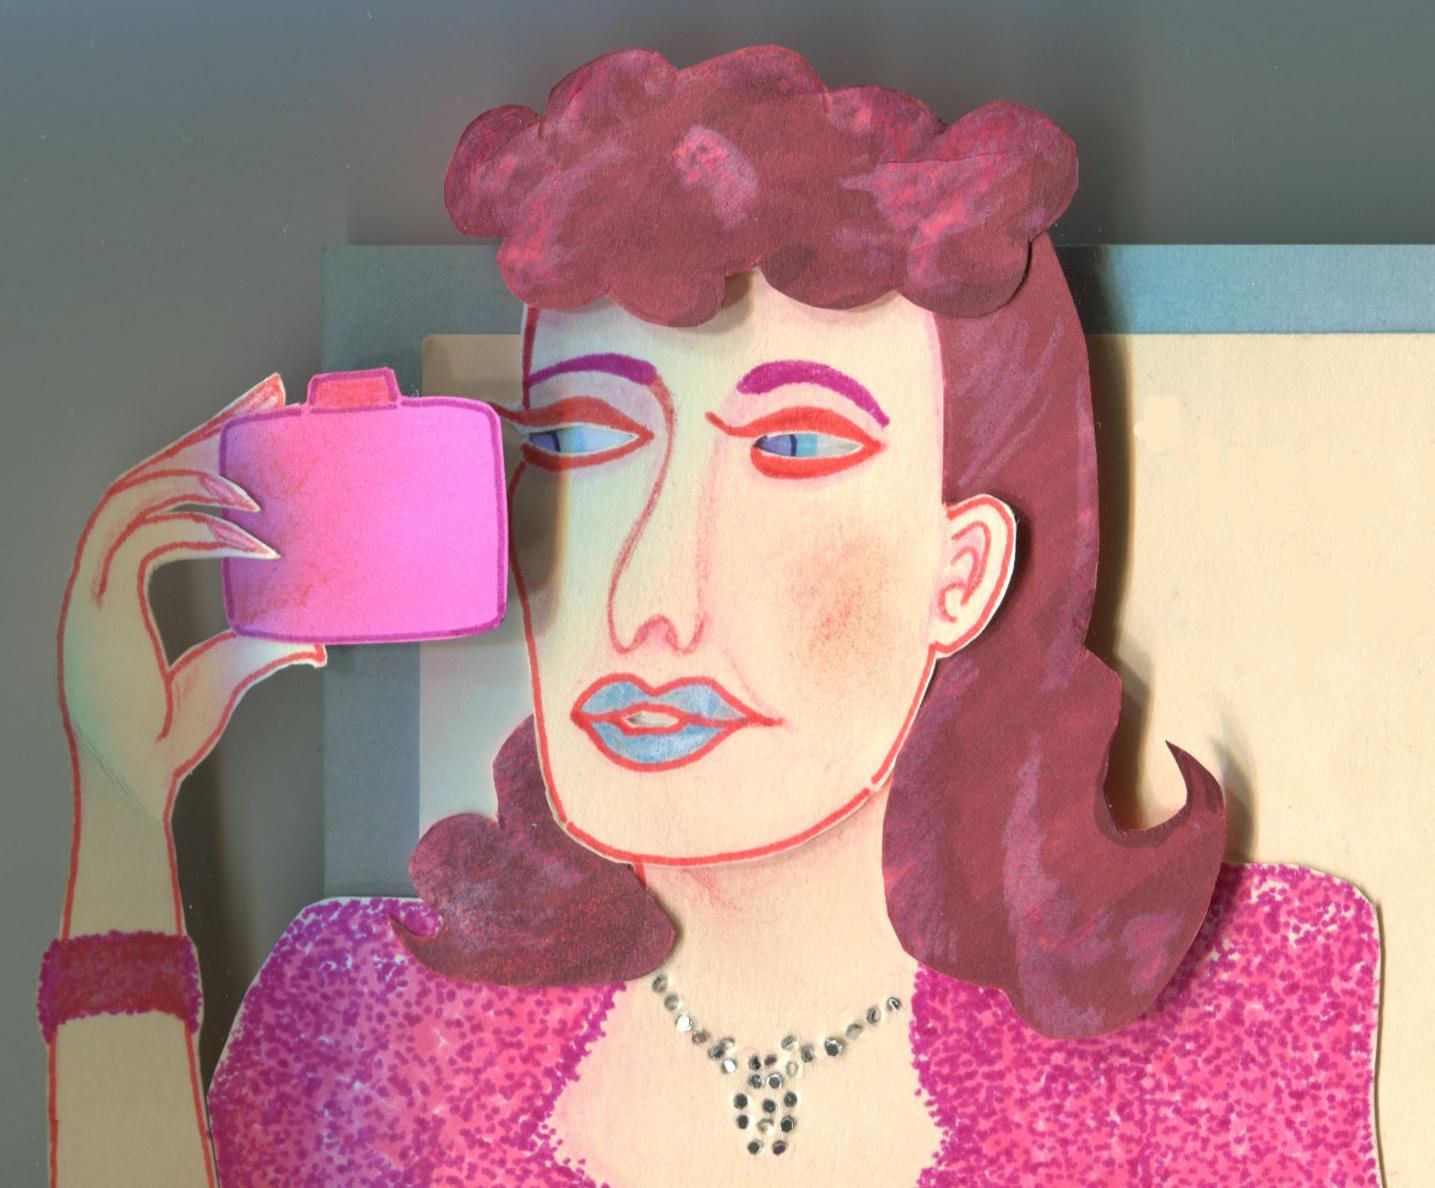 http://3.bp.blogspot.com/-KTymXG9sThw/TzB1HXQfgsI/AAAAAAAAAQw/T6C_0DOc07E/s1600/the_lady_eve.jpg